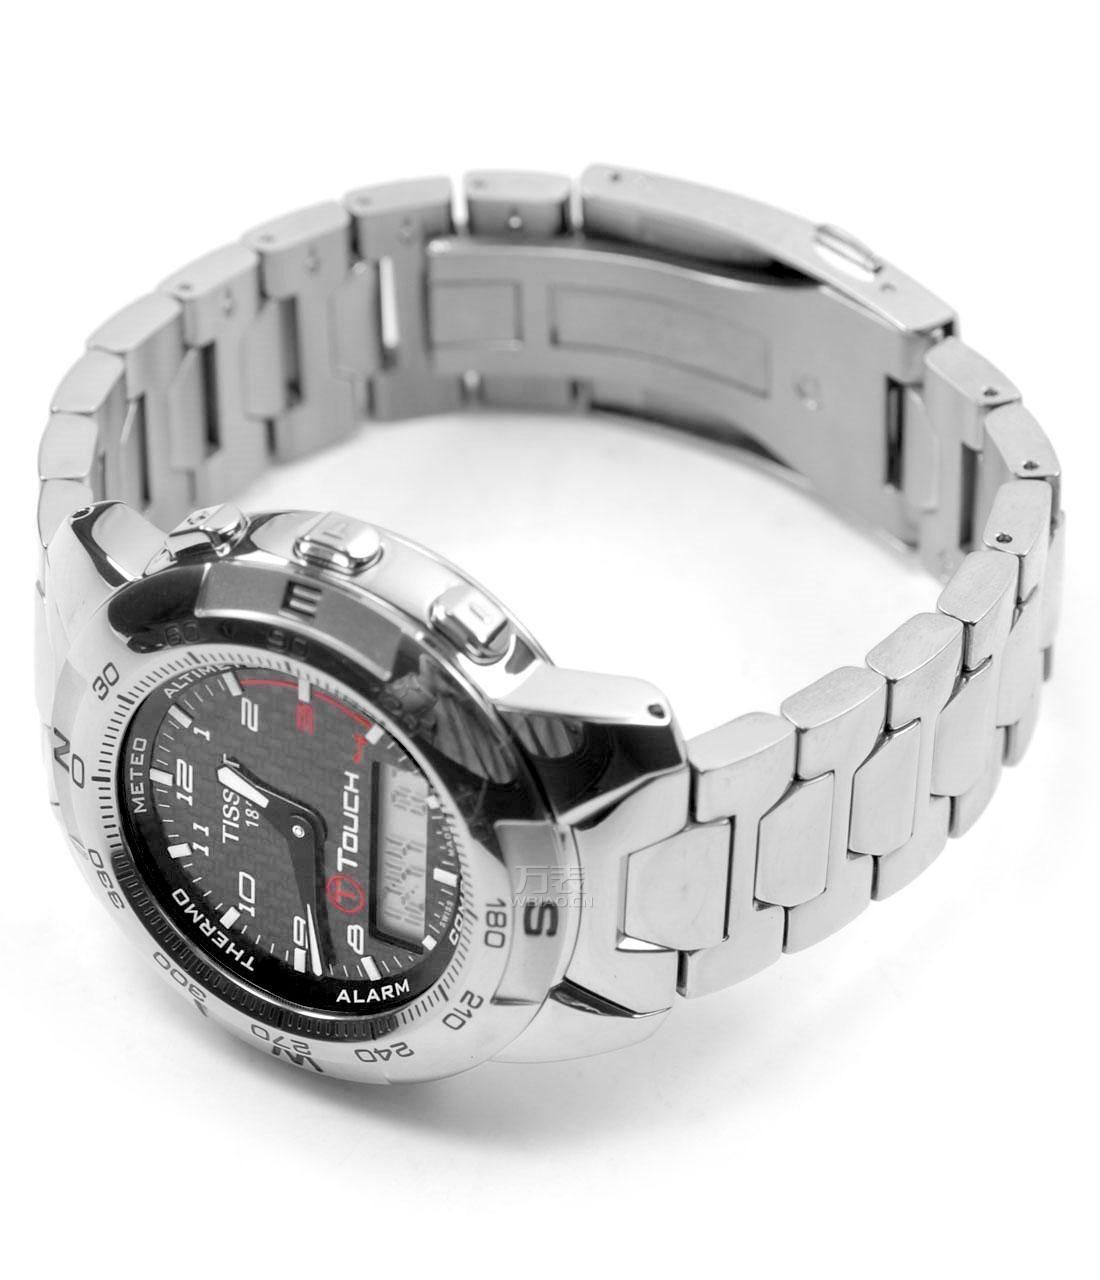 天梭触摸屏腕表 时尚运动